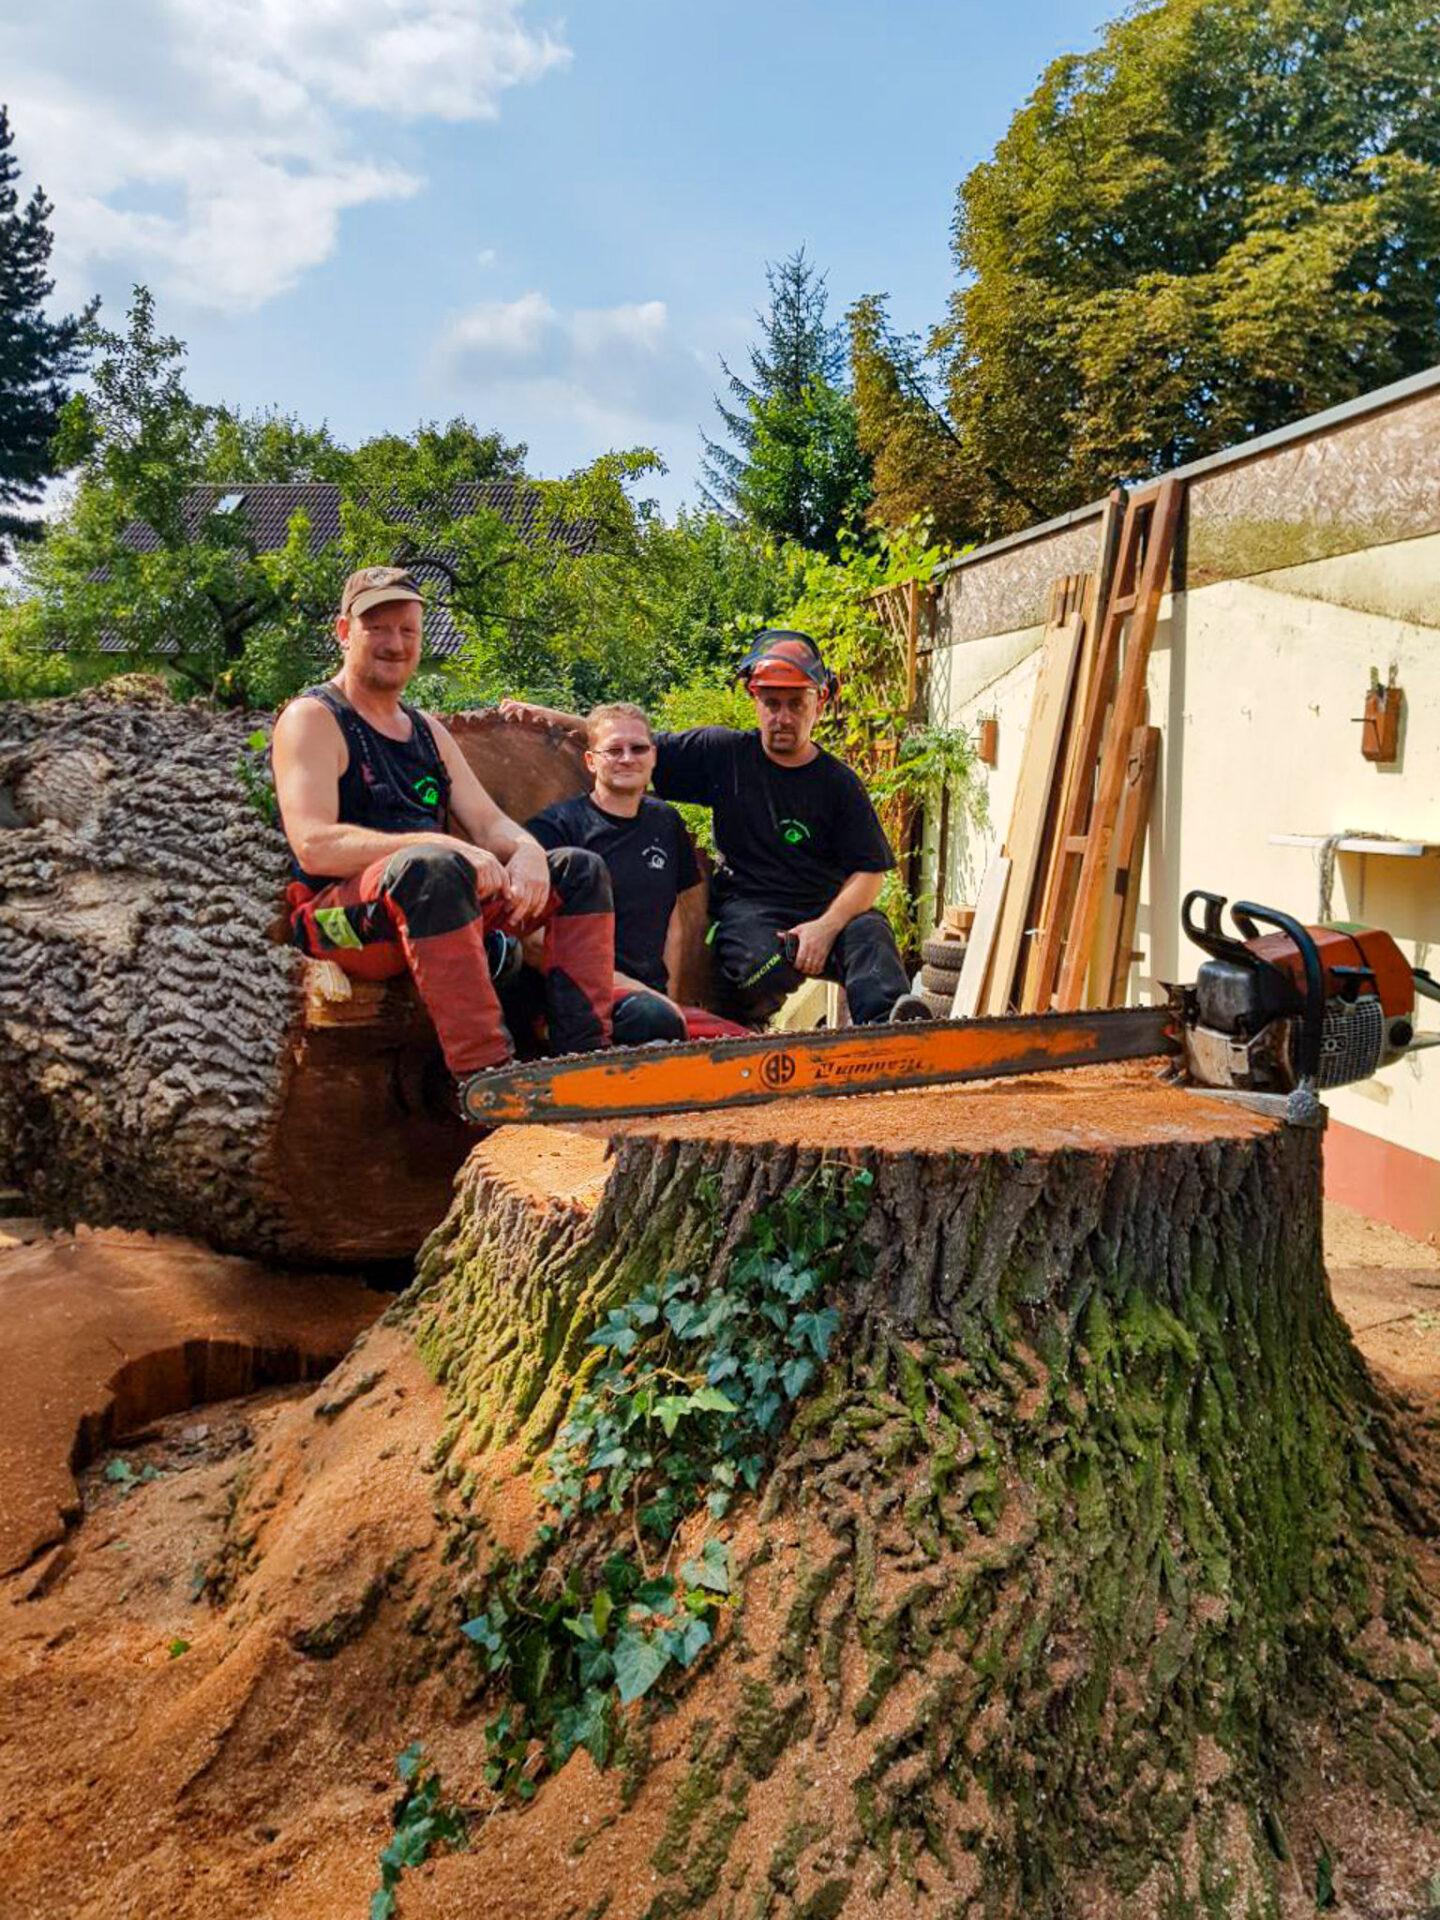 Biber-Baumdienst Mitarbeiter – Der langjährige Mitarbeiterstamm mit großem Erfahrungsschatz